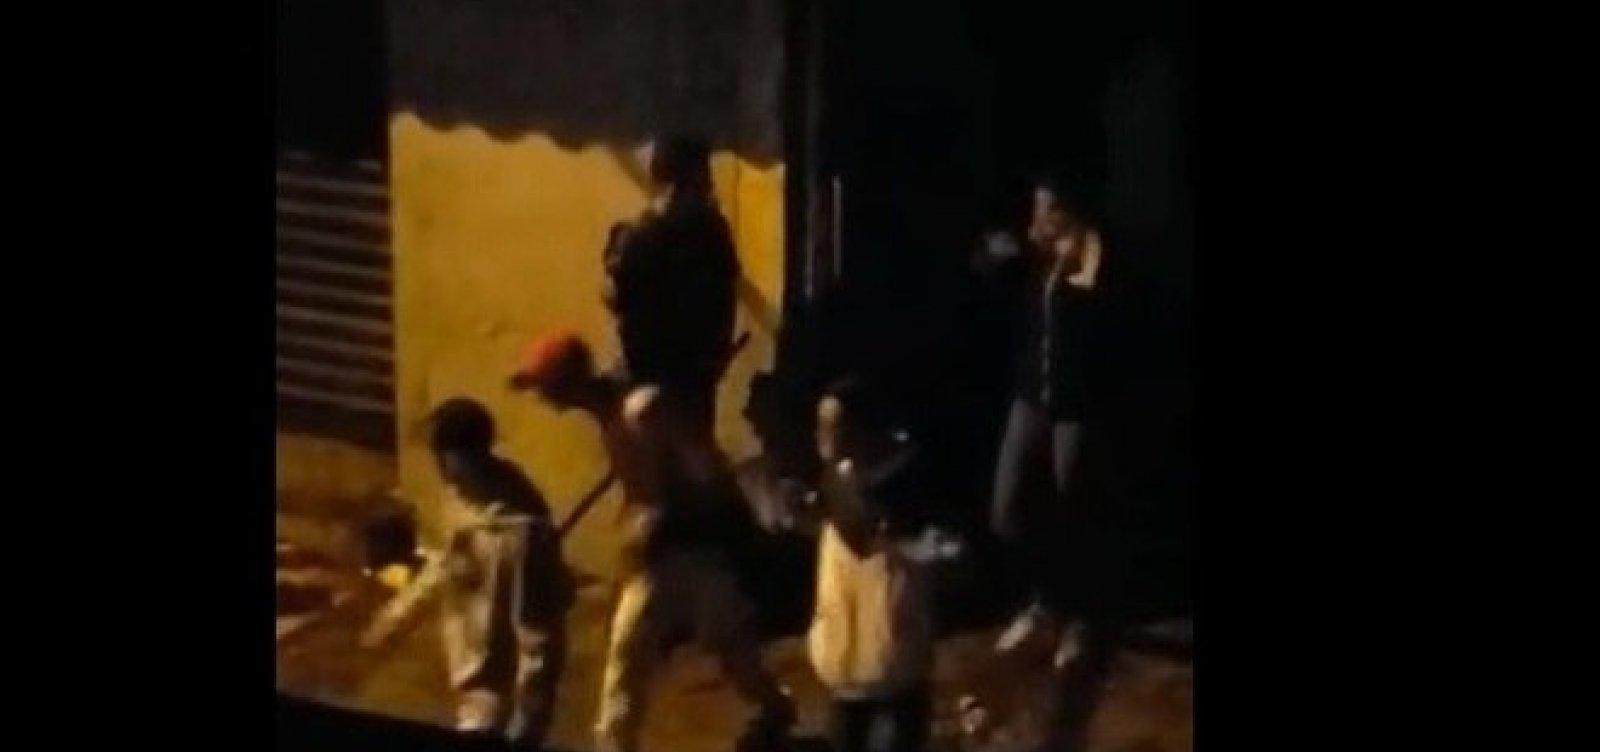 [Policial que agride jovens com barra em Paraisópolis foi afastado, diz PM]